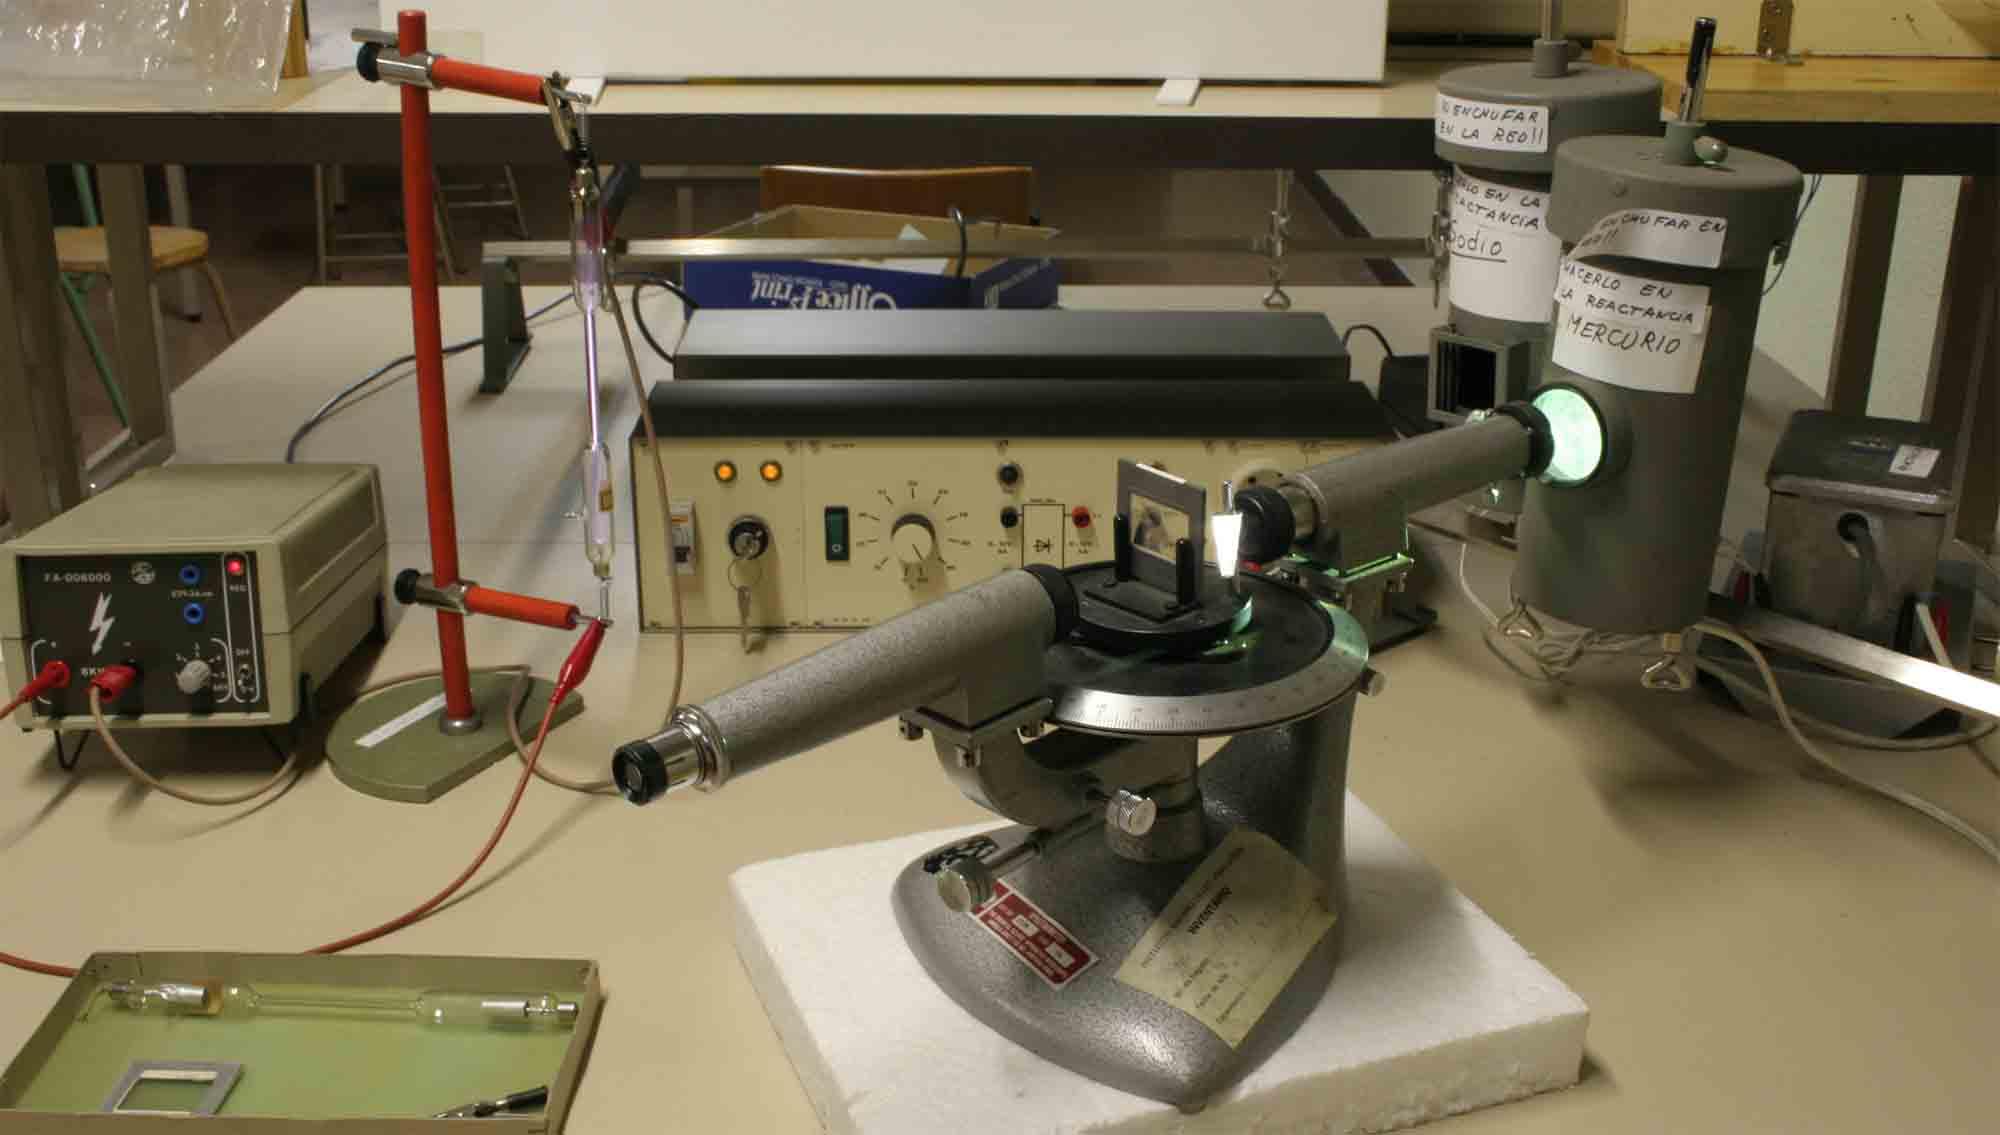 Espectroscopio para ver estrellas del Firmamento